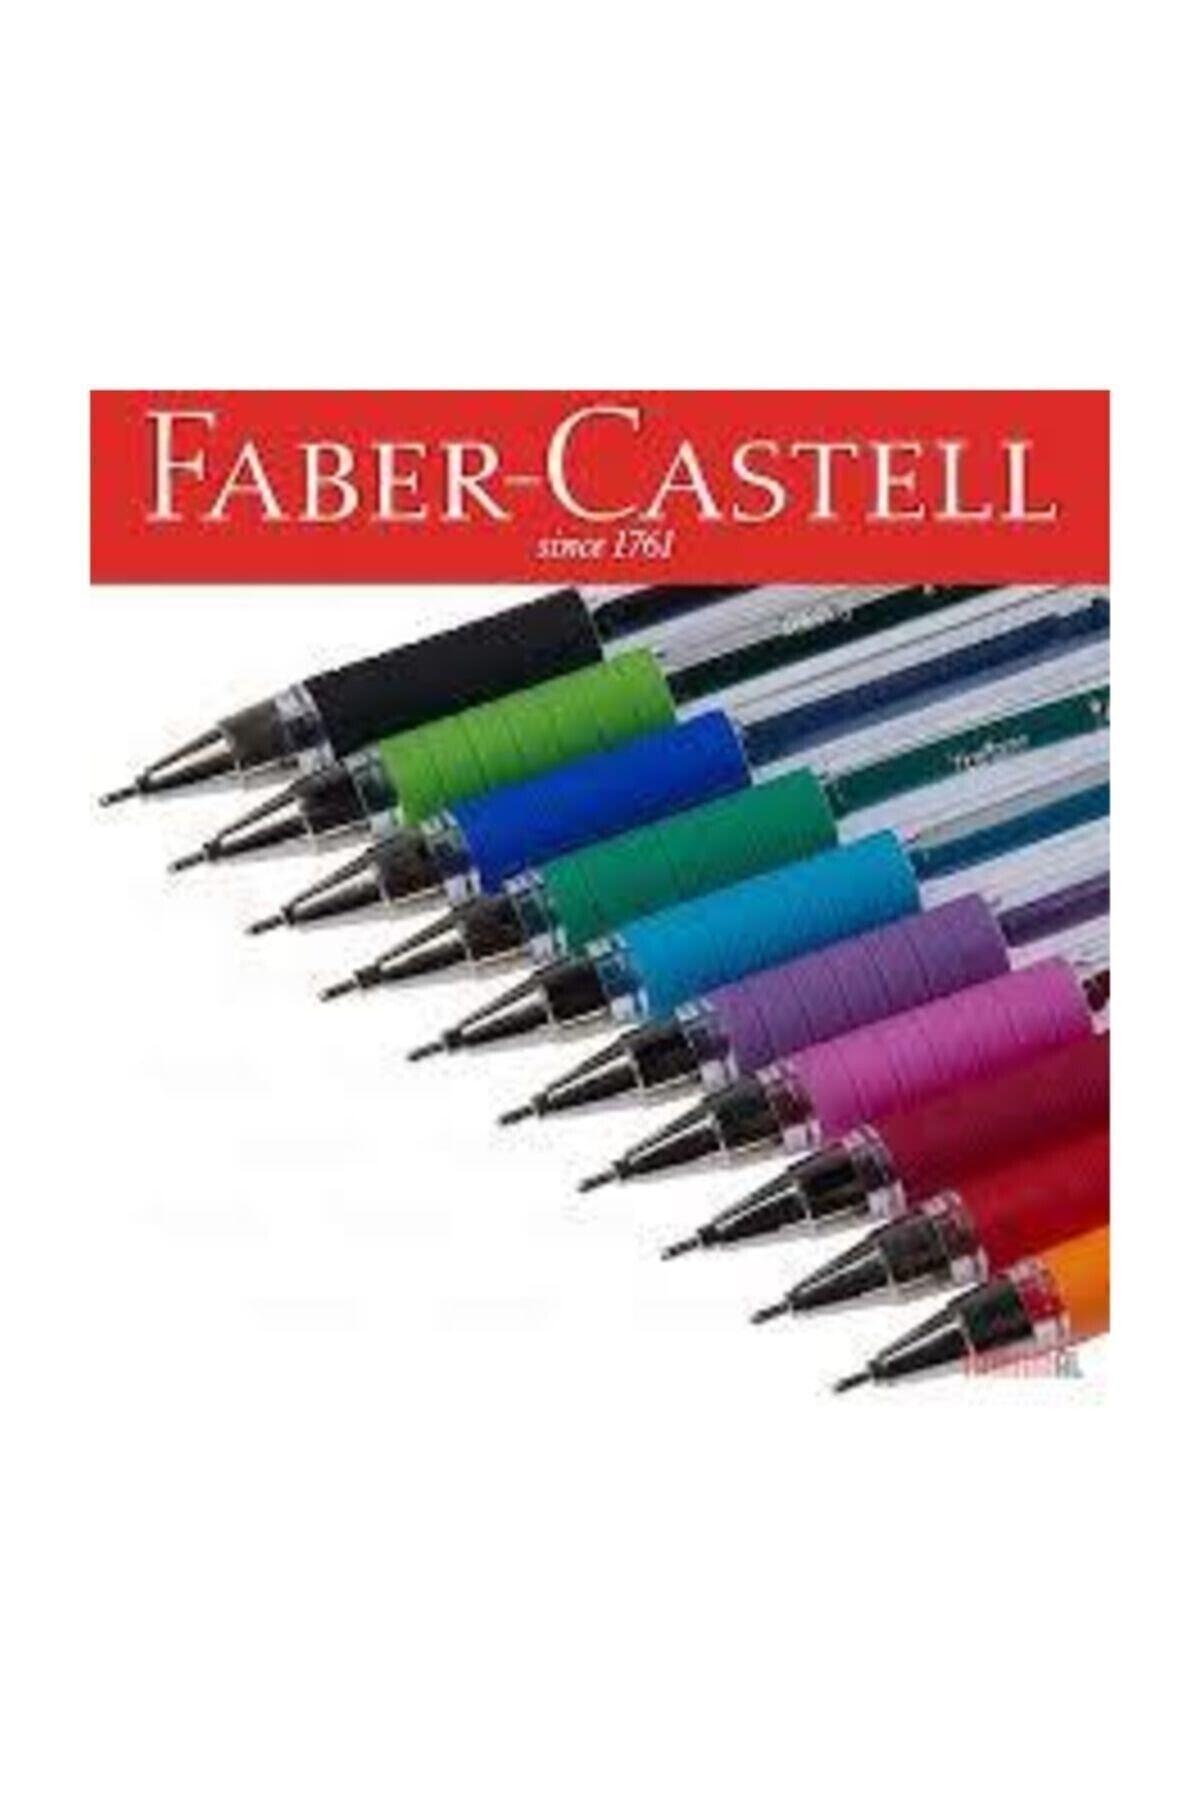 Faber Castell Faber-castell 1425 Tükenmez Kalem Ailesi 10 Lu Karışık 5215142557 2